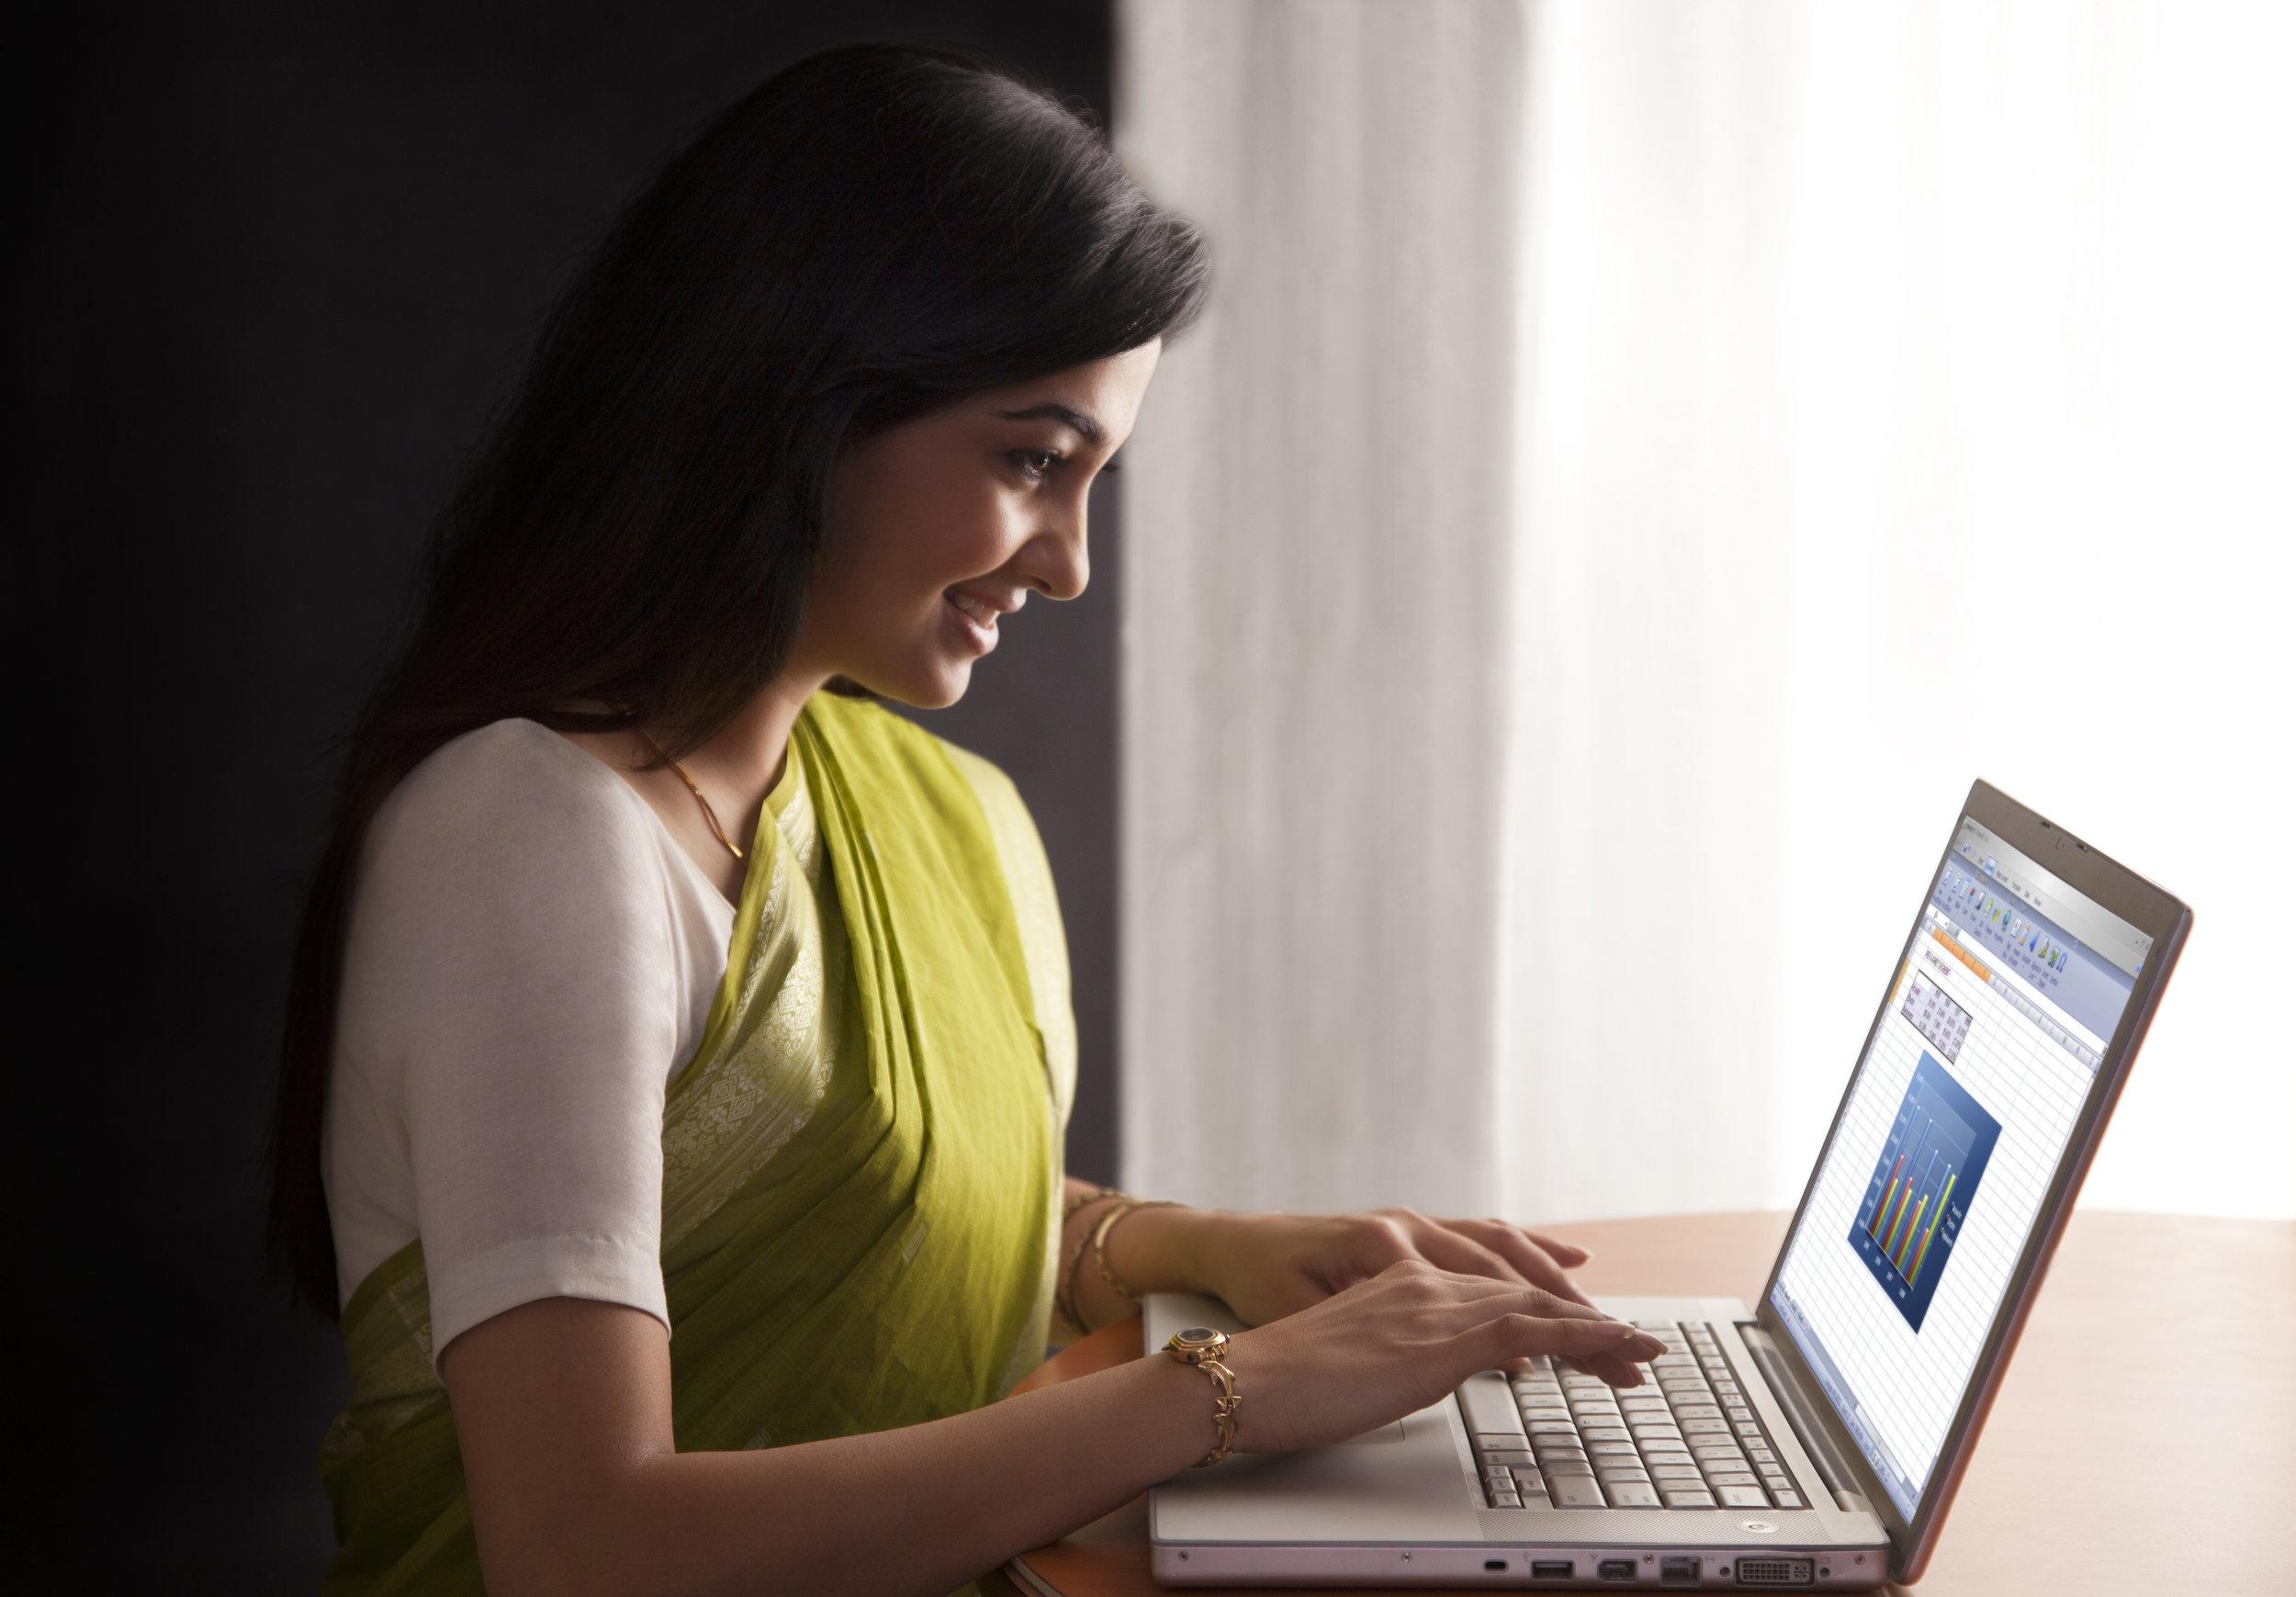 (Indian Girl) shutterstock_292193726.jpg